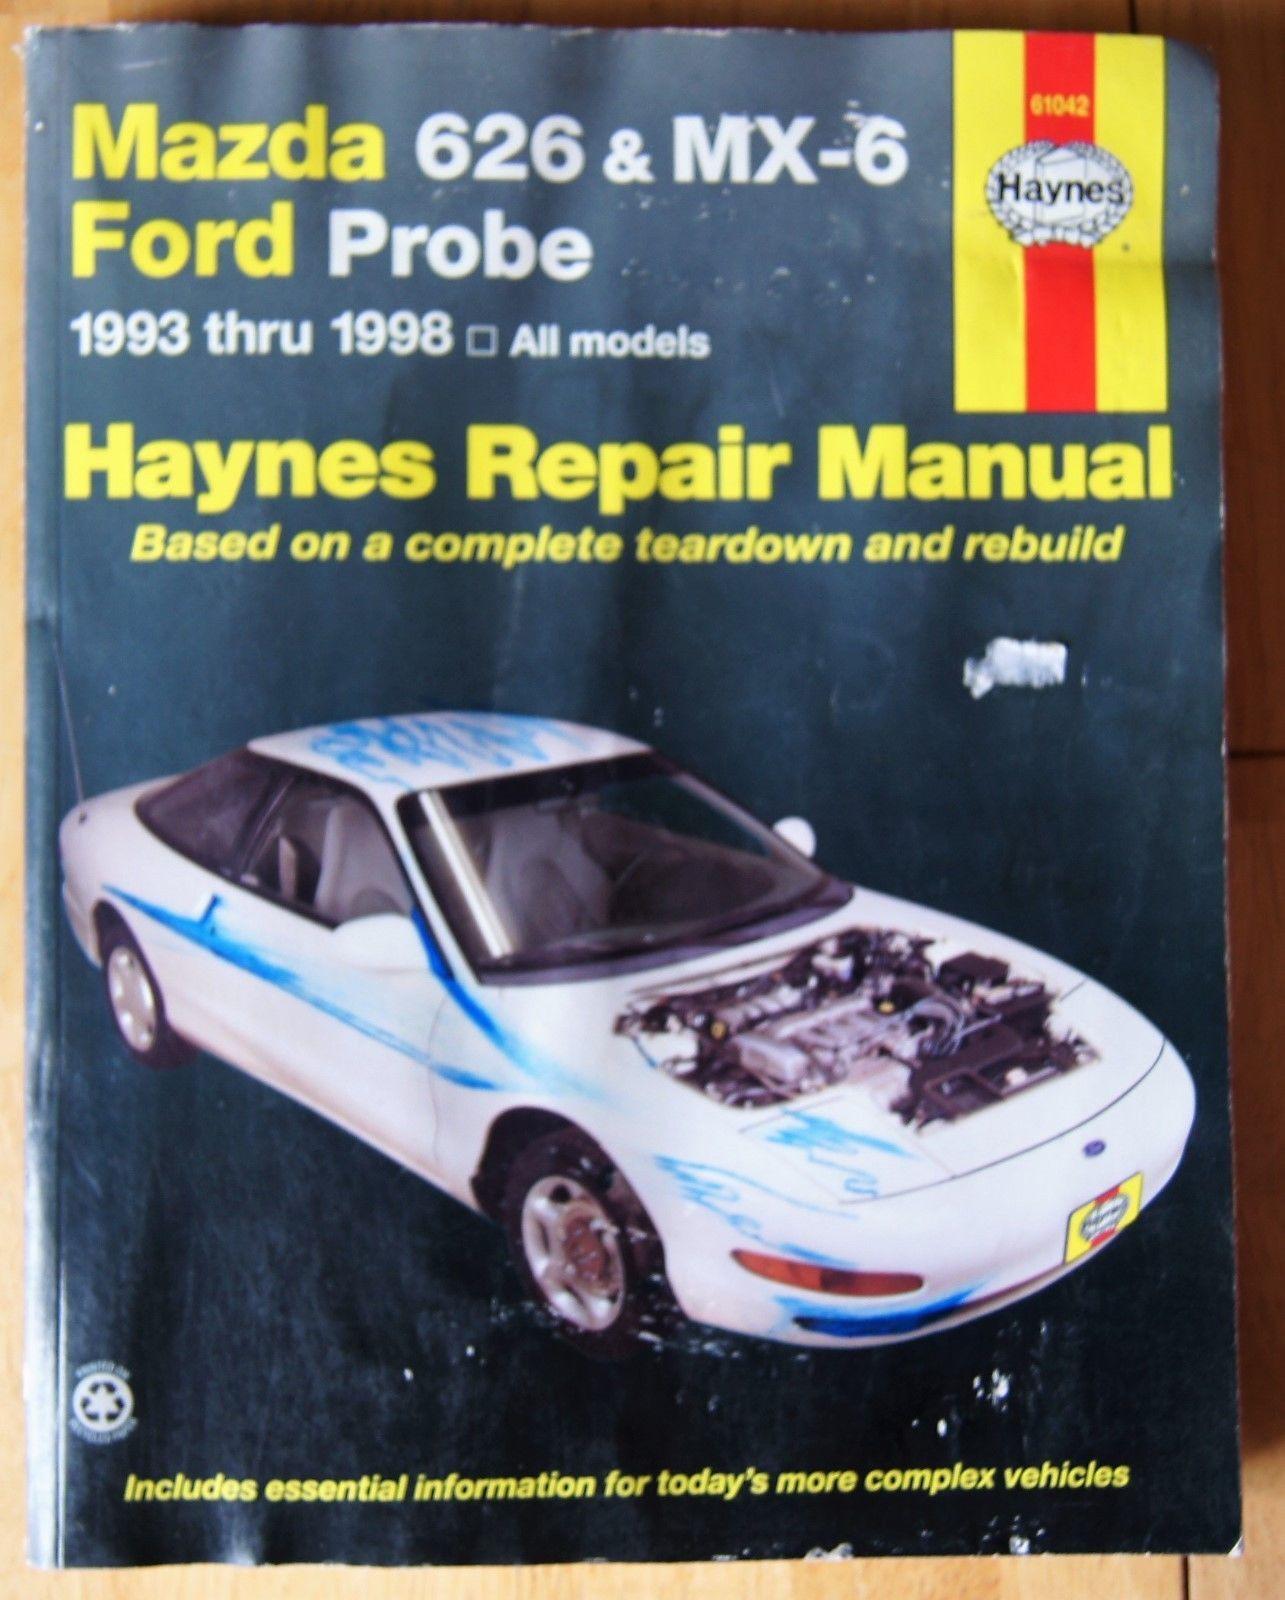 Haynes Repair Manual # 61042 Mazda 626 MX-6 1993 1998 Ford Probe